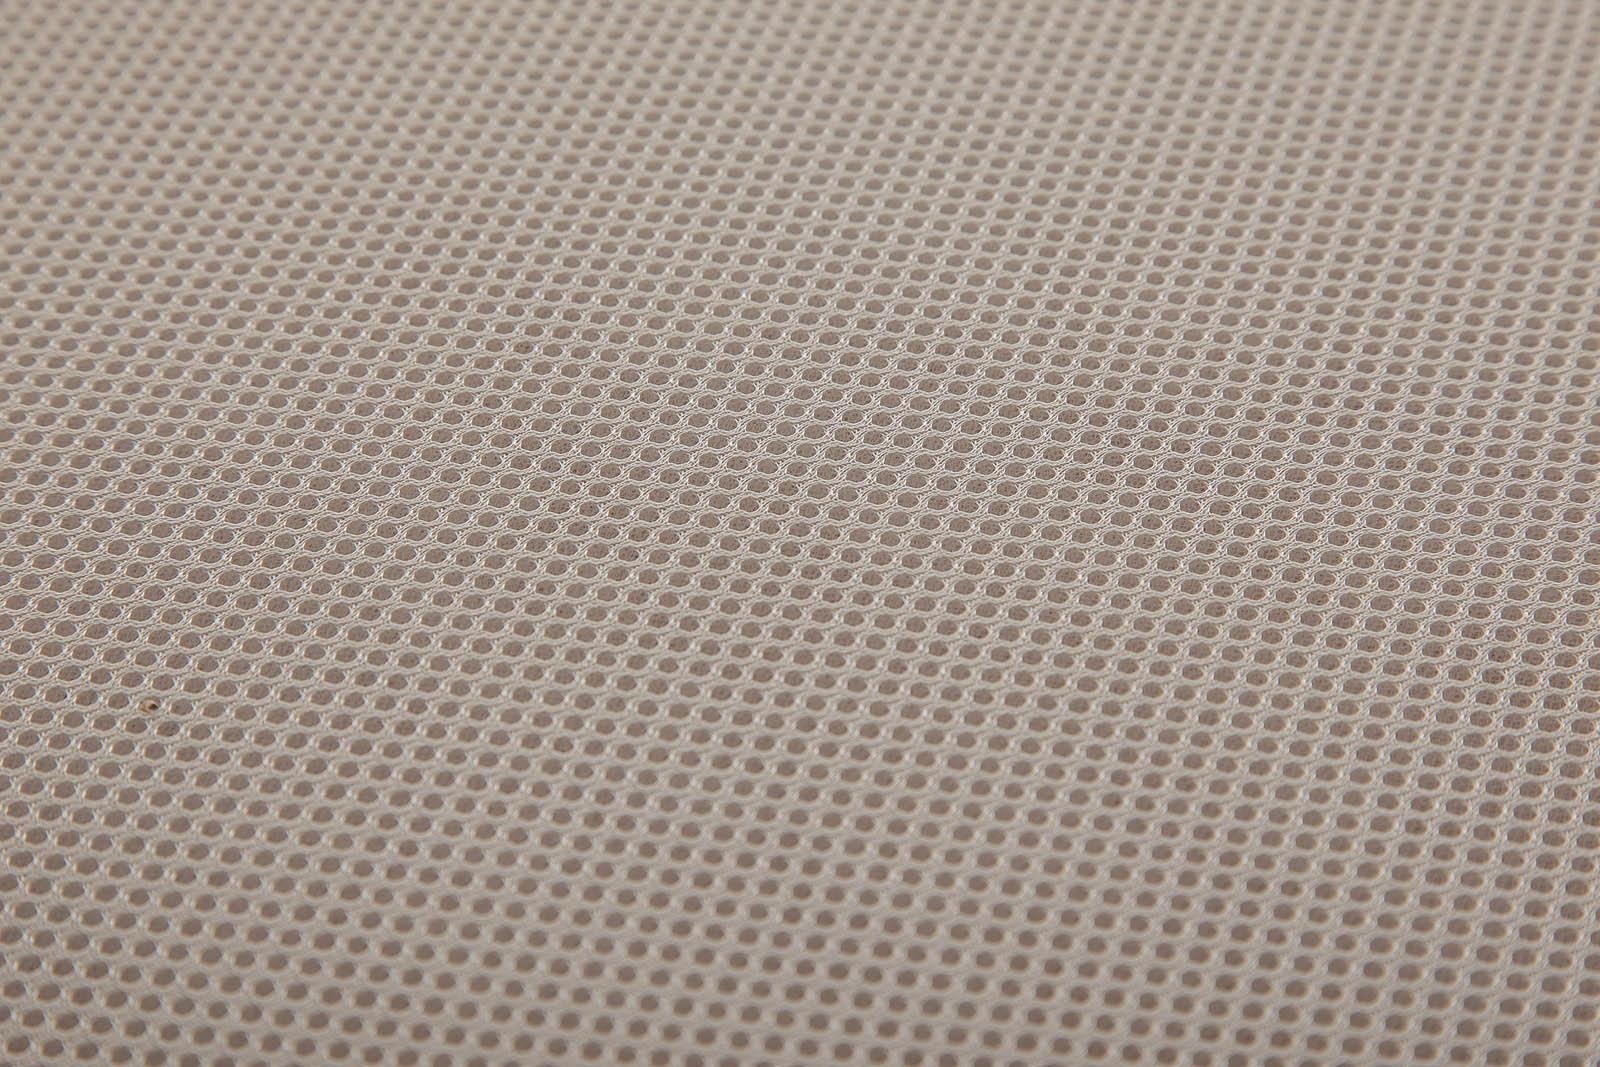 detalle malla 3d tejido canape abatible nix maia roble